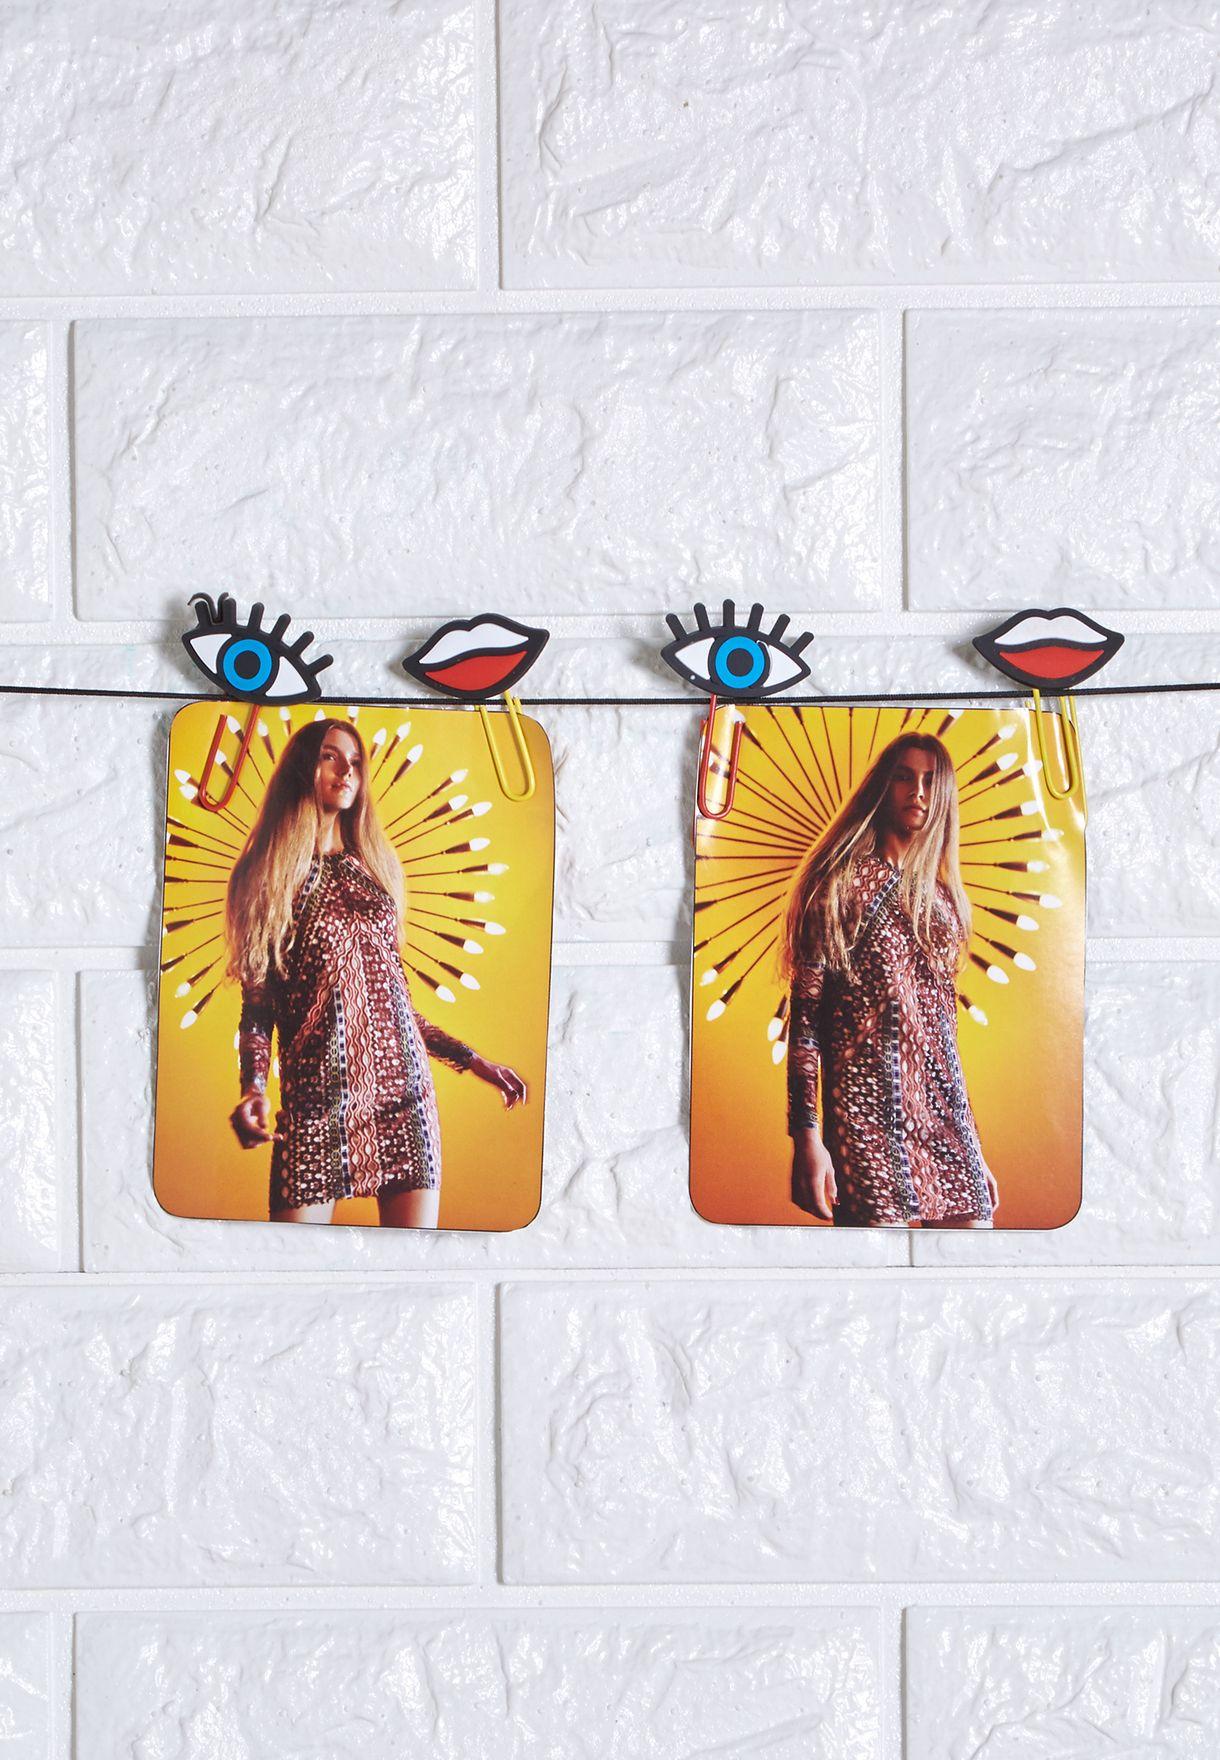 Wink Picture Hangers